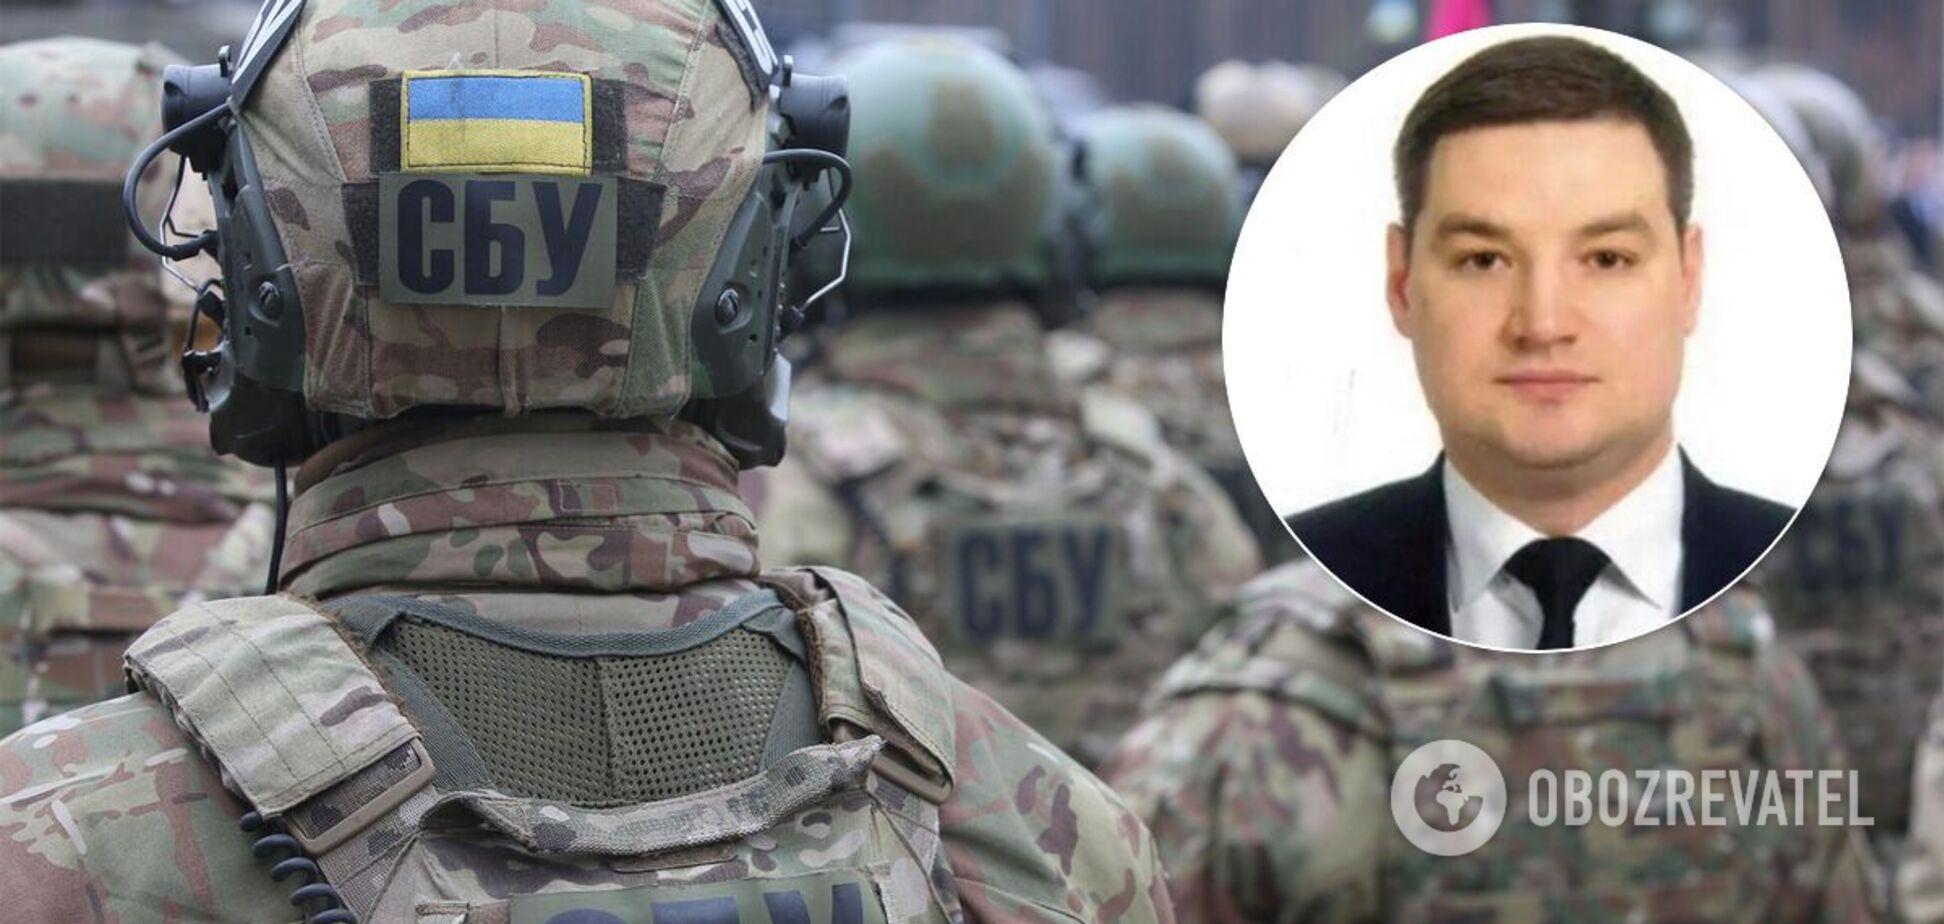 Задержанный по делу о покушении на генерала СБУ назвал заказчика – СМИ